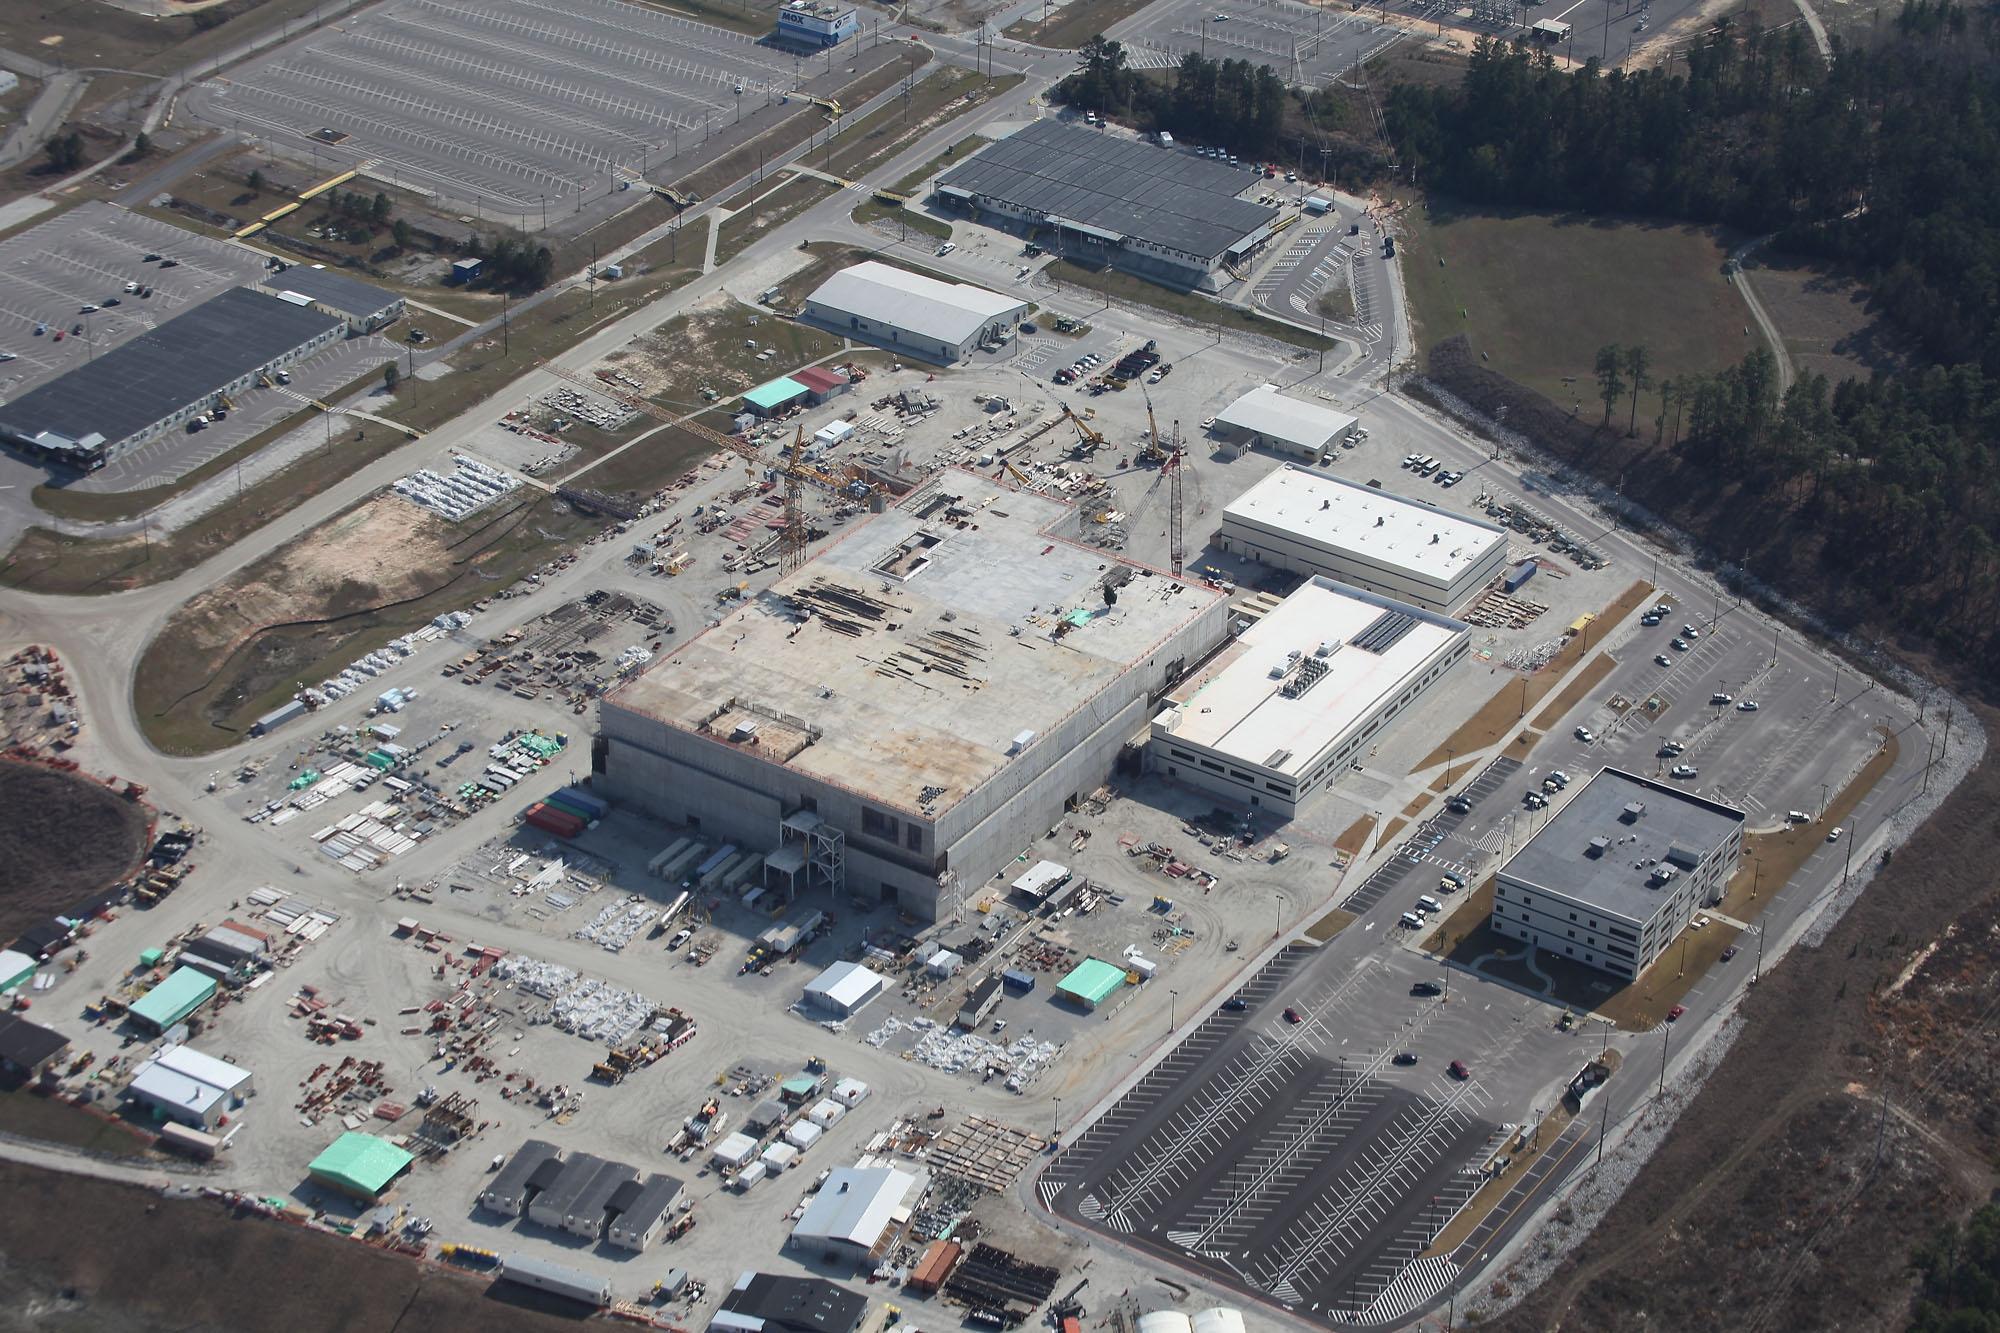 Americké snahy o přeměnu zbraňového plutonia zaznamenaly velkou ztrátu, byla pozastavena stavba závodu MFFF